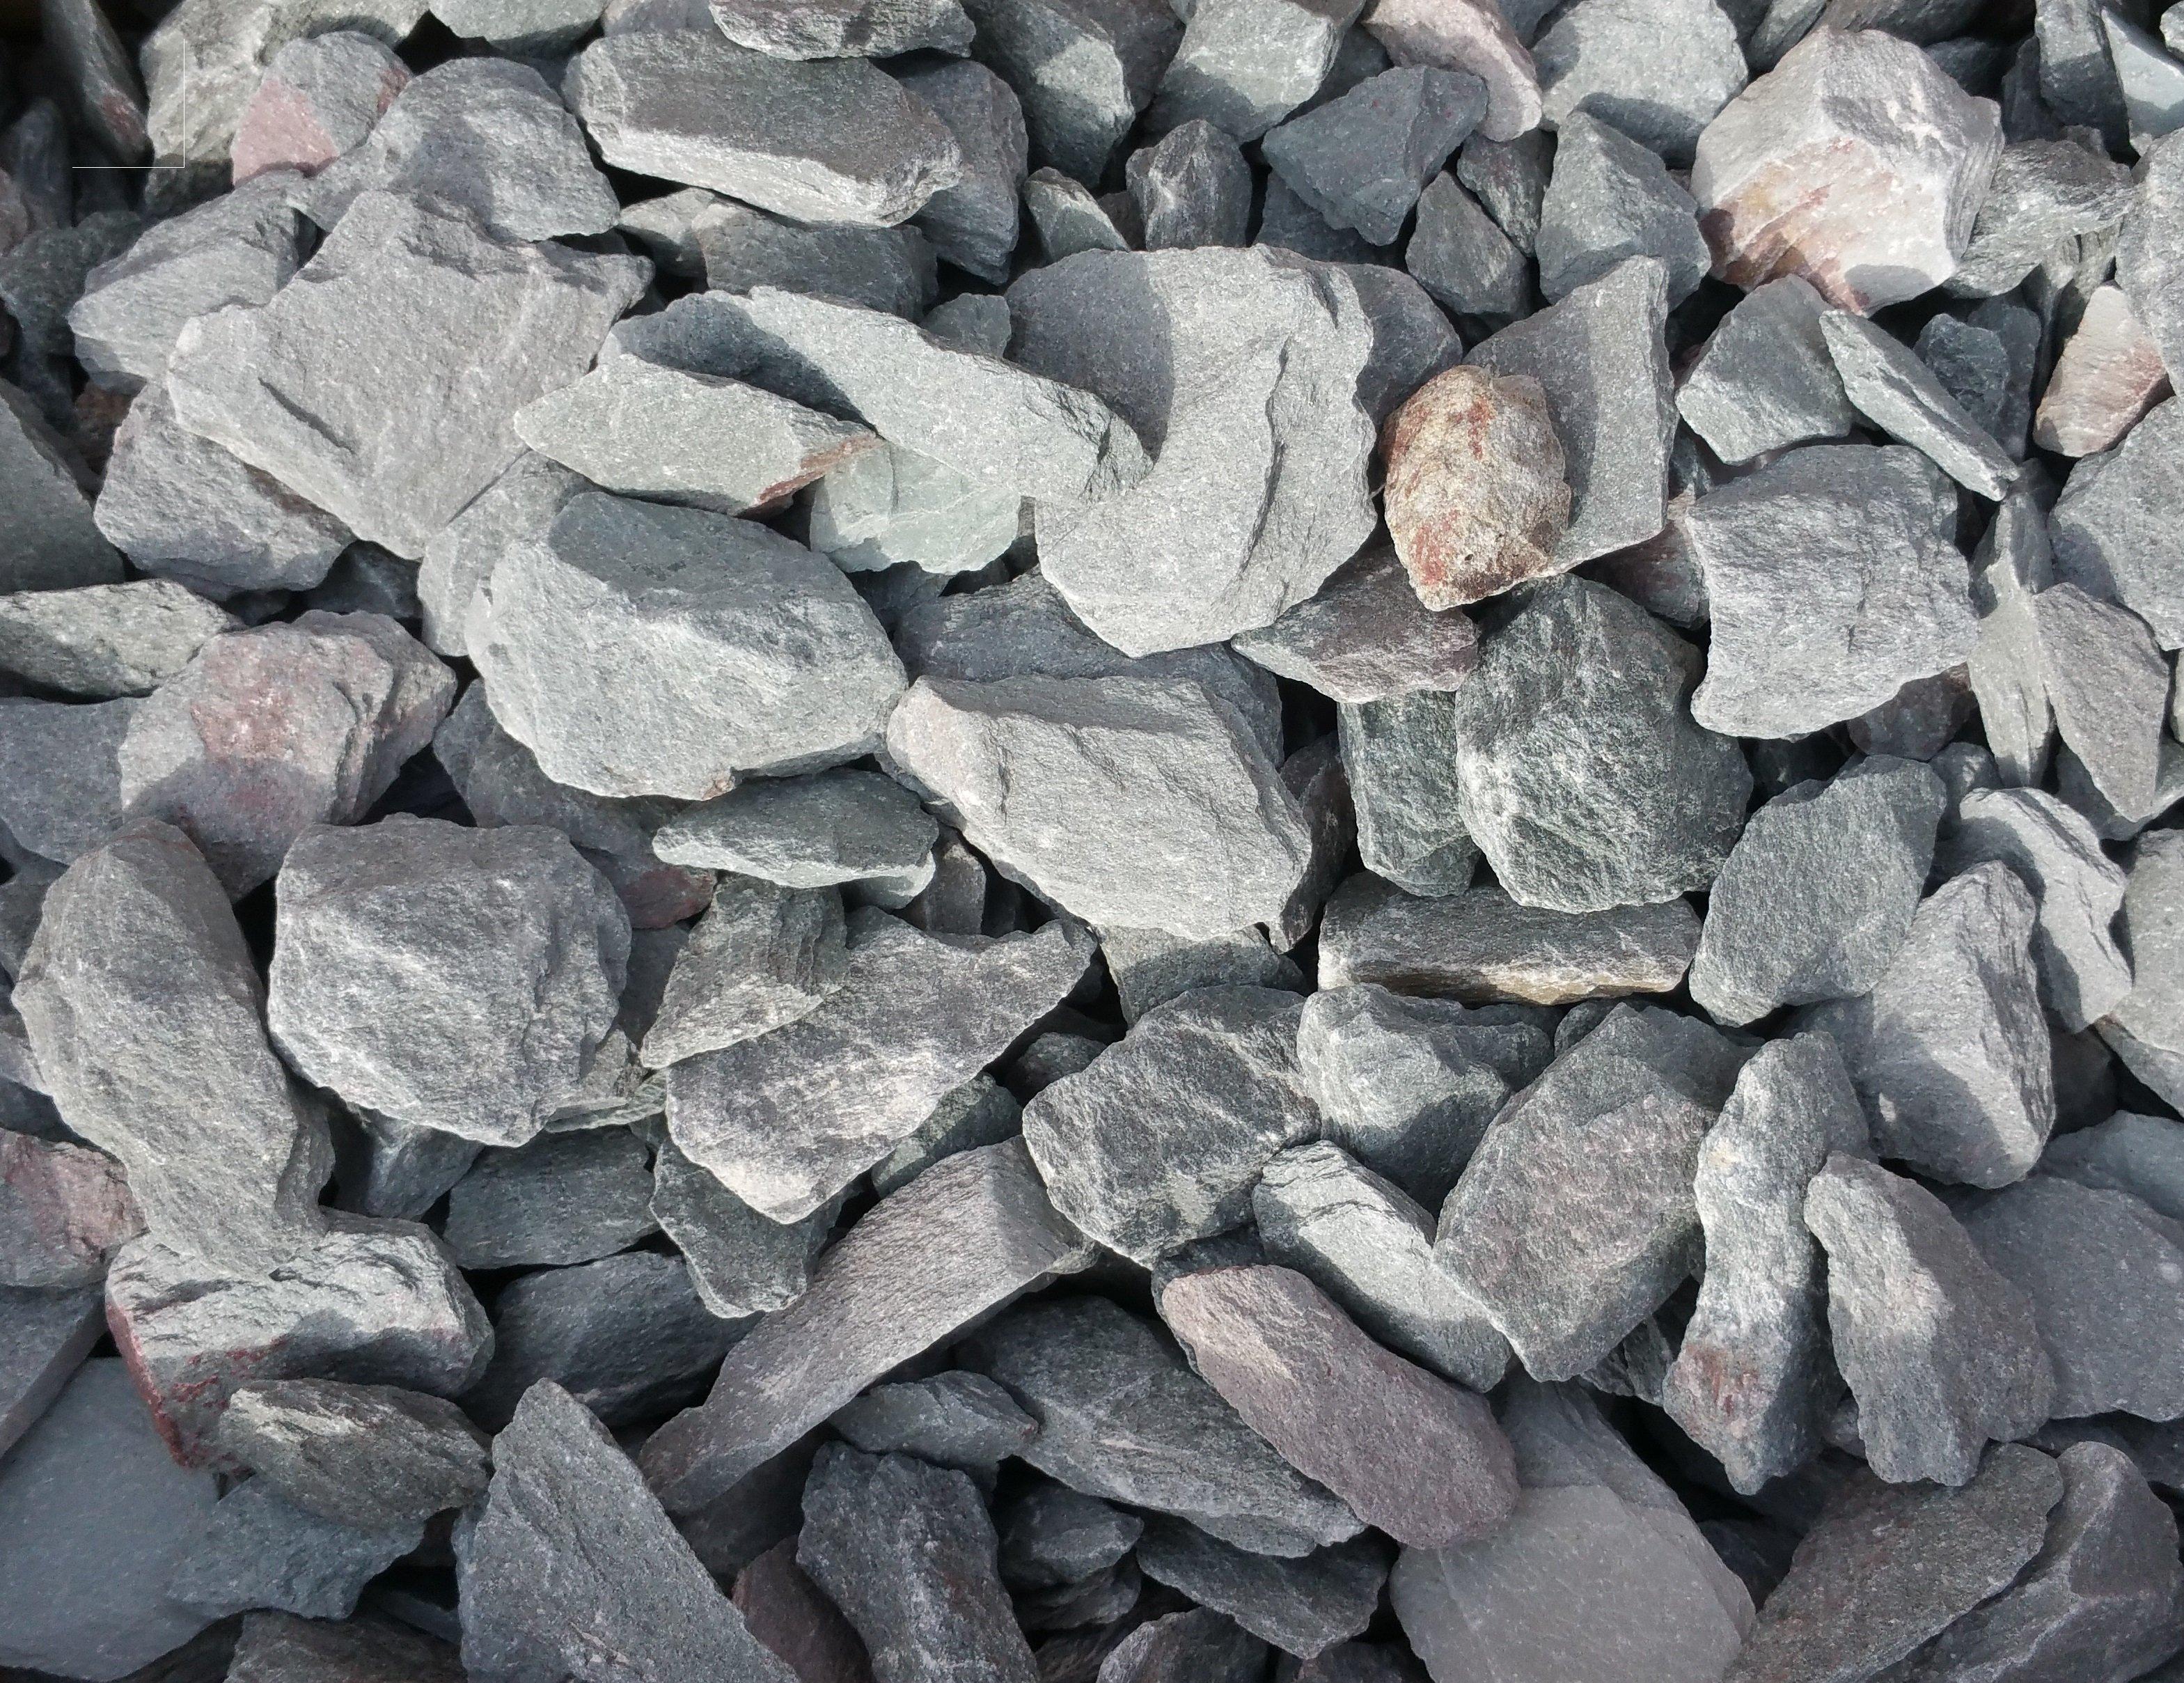 sharp stones